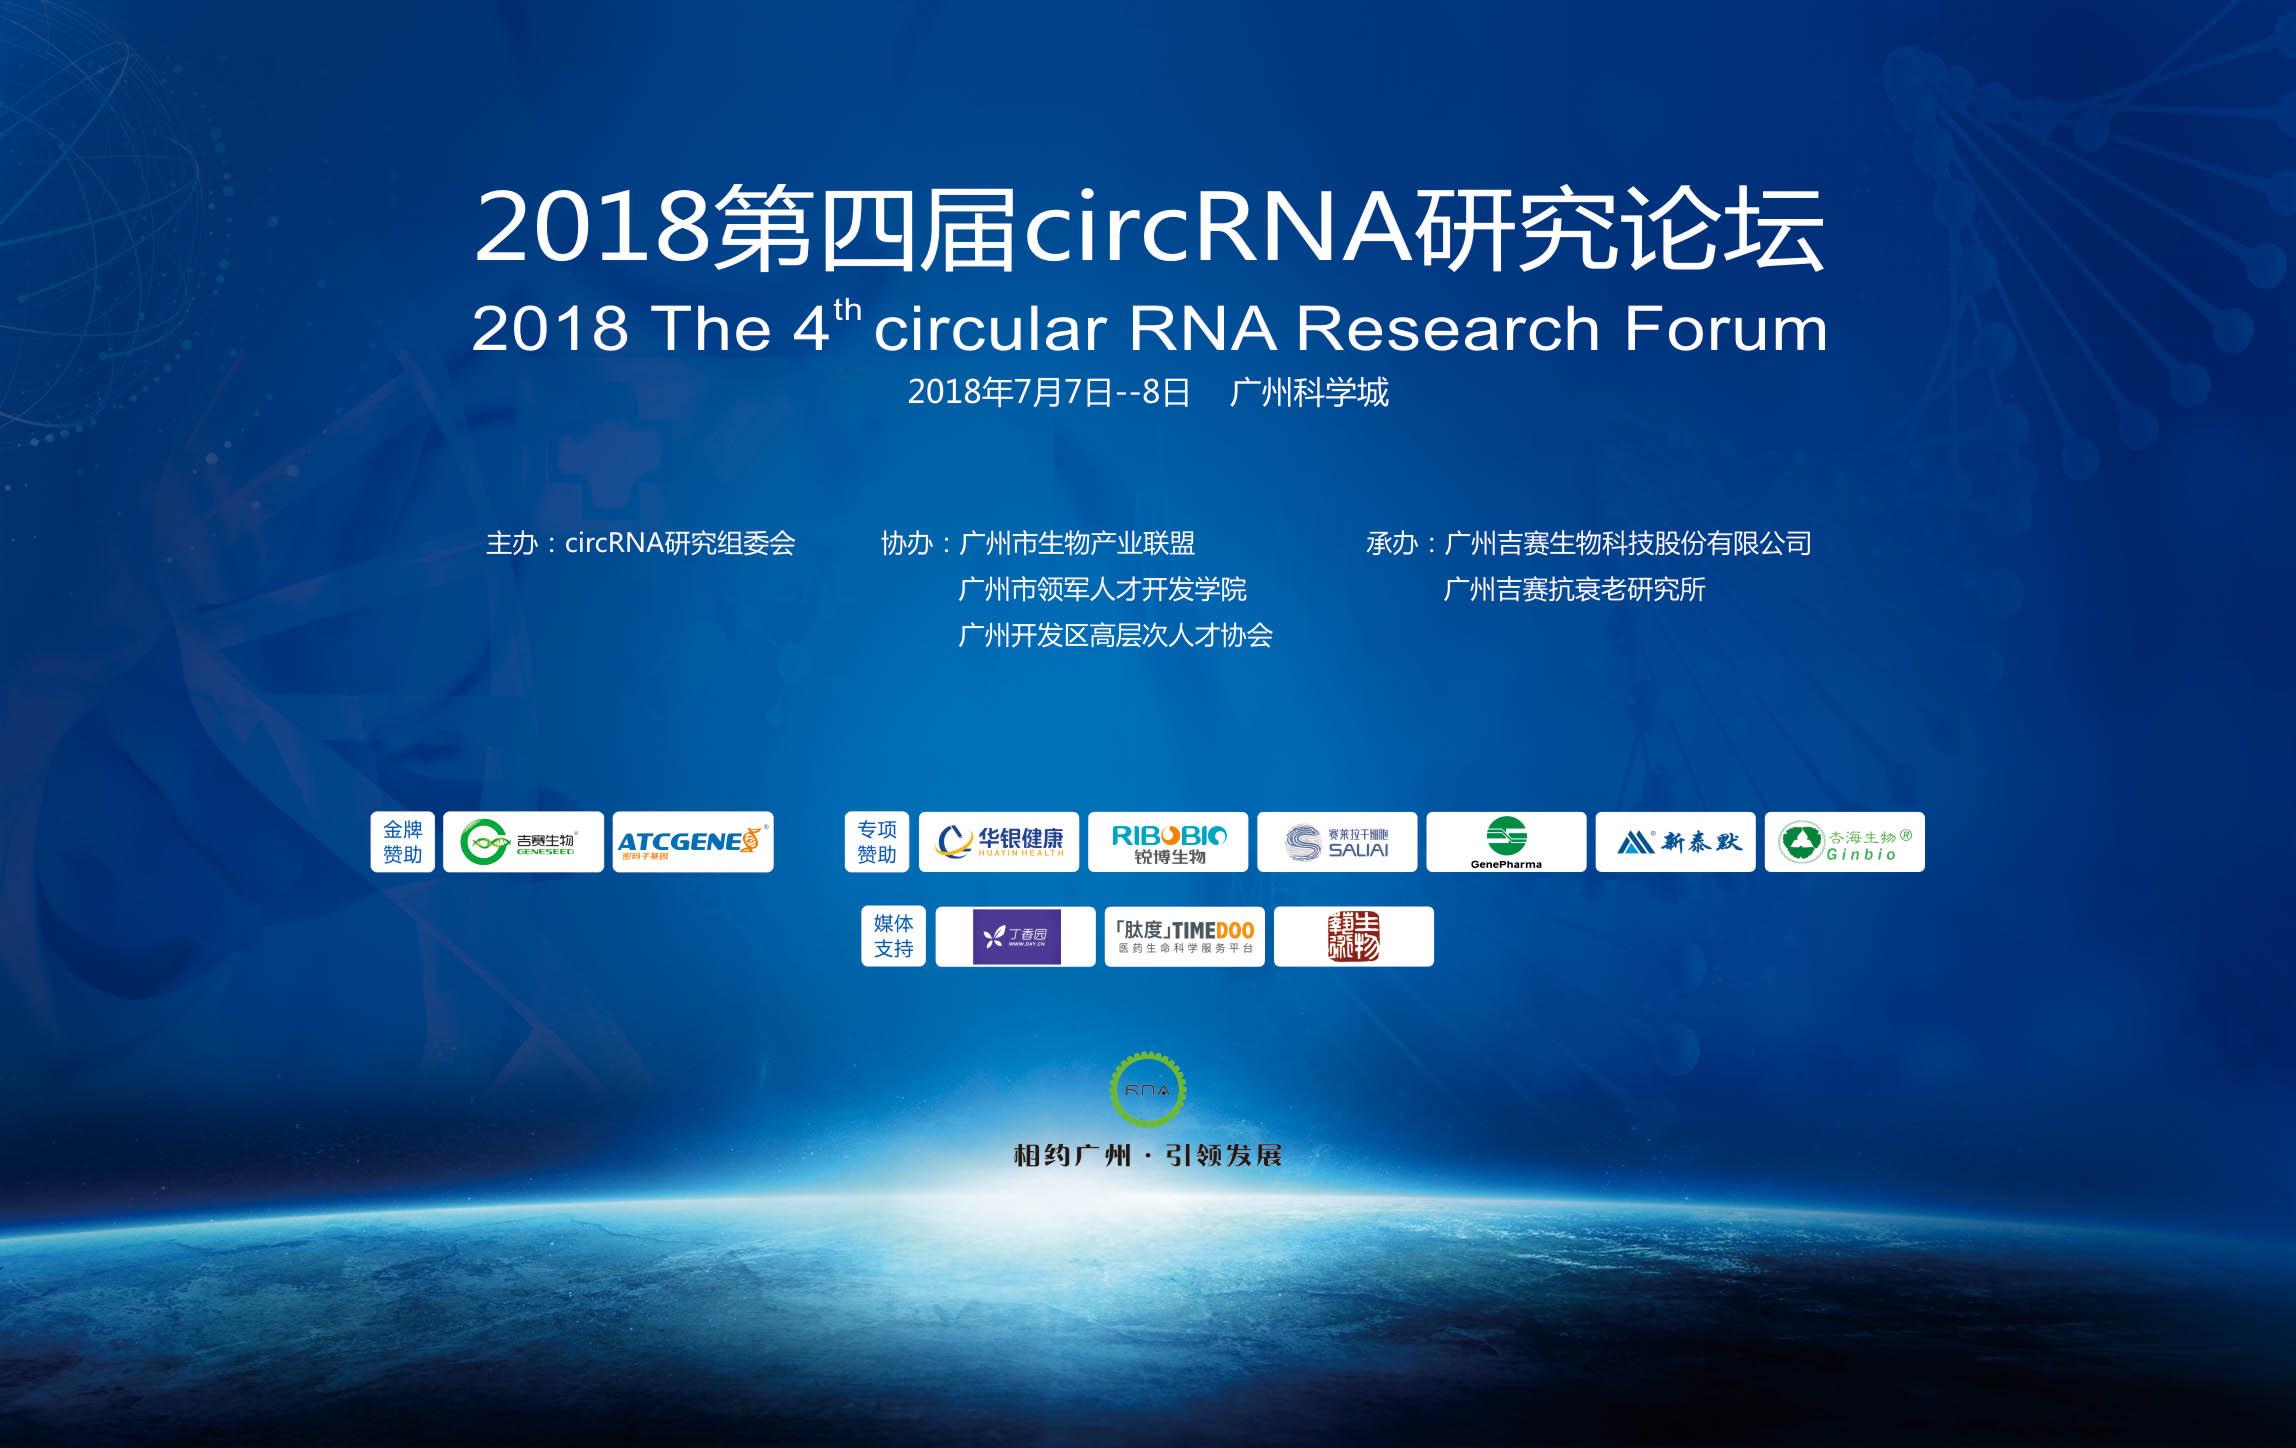 圓滿落幕 | 第四屆circRNA研究論